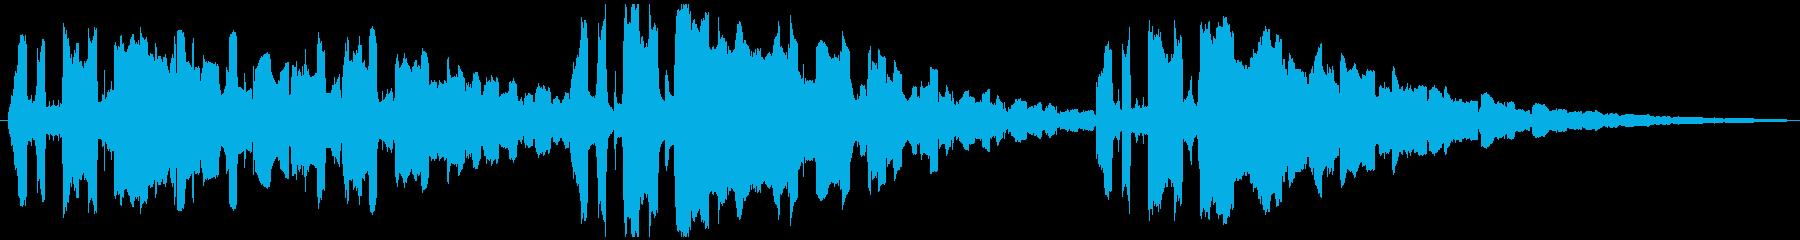 シーケンス ダークフューチャージャズ01の再生済みの波形